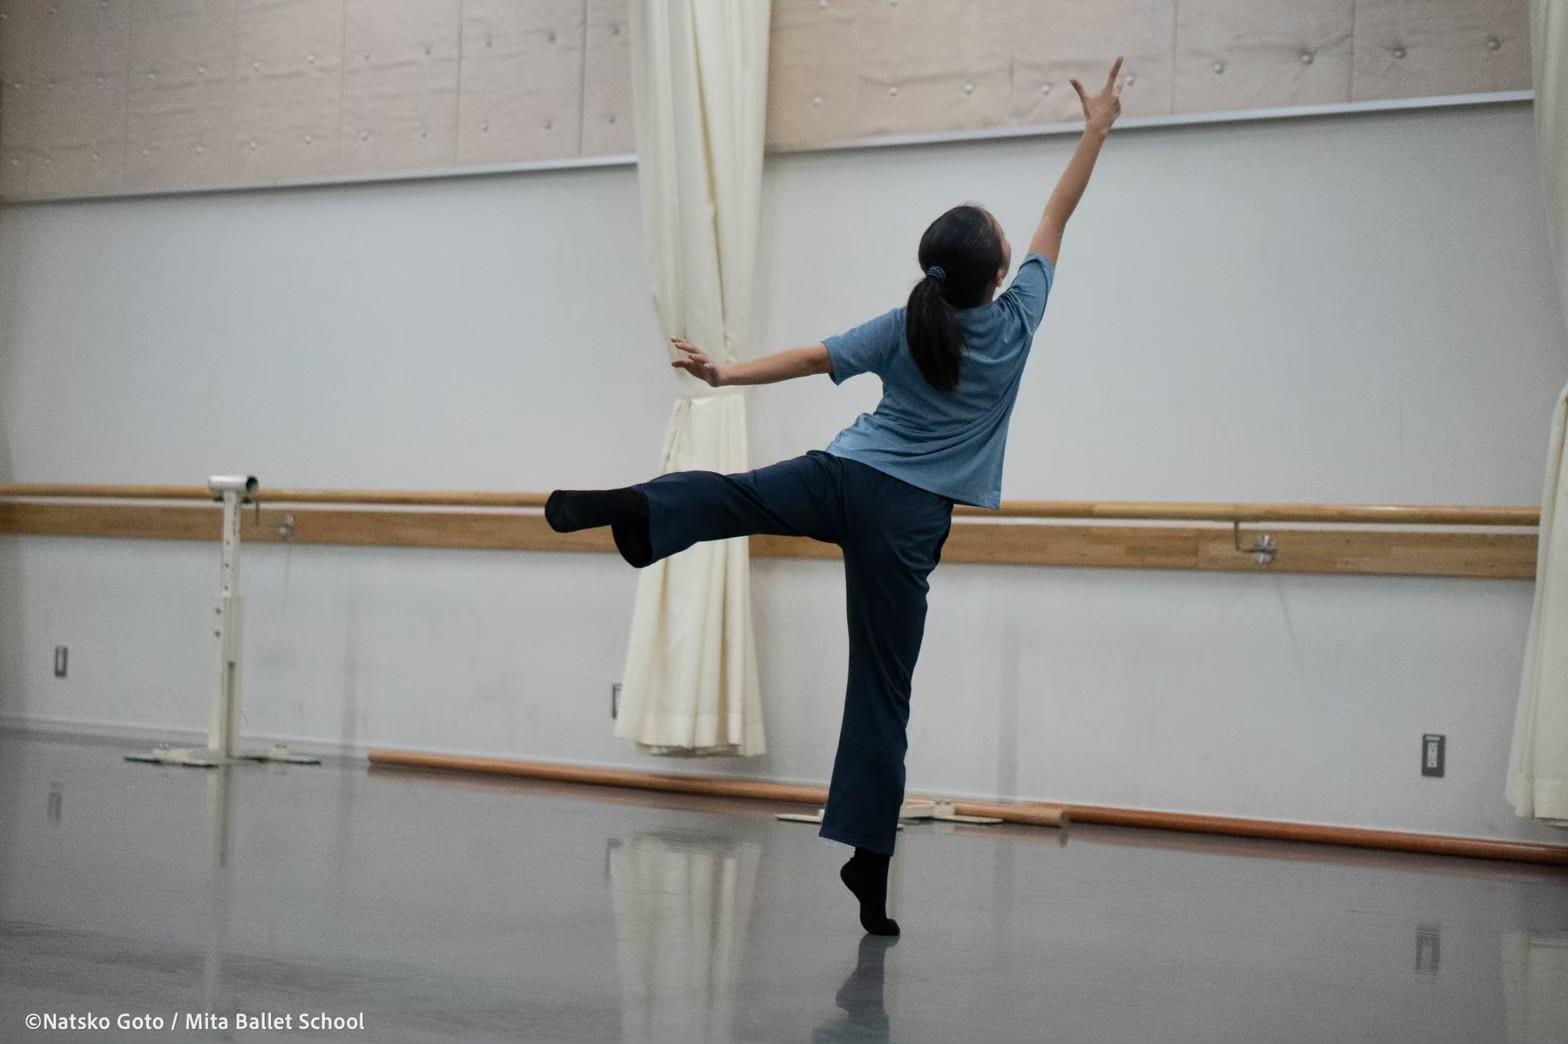 2020年三田バレエスクール養成コーススカラシップ試験 コンテンポラリーダンス 創作 振付